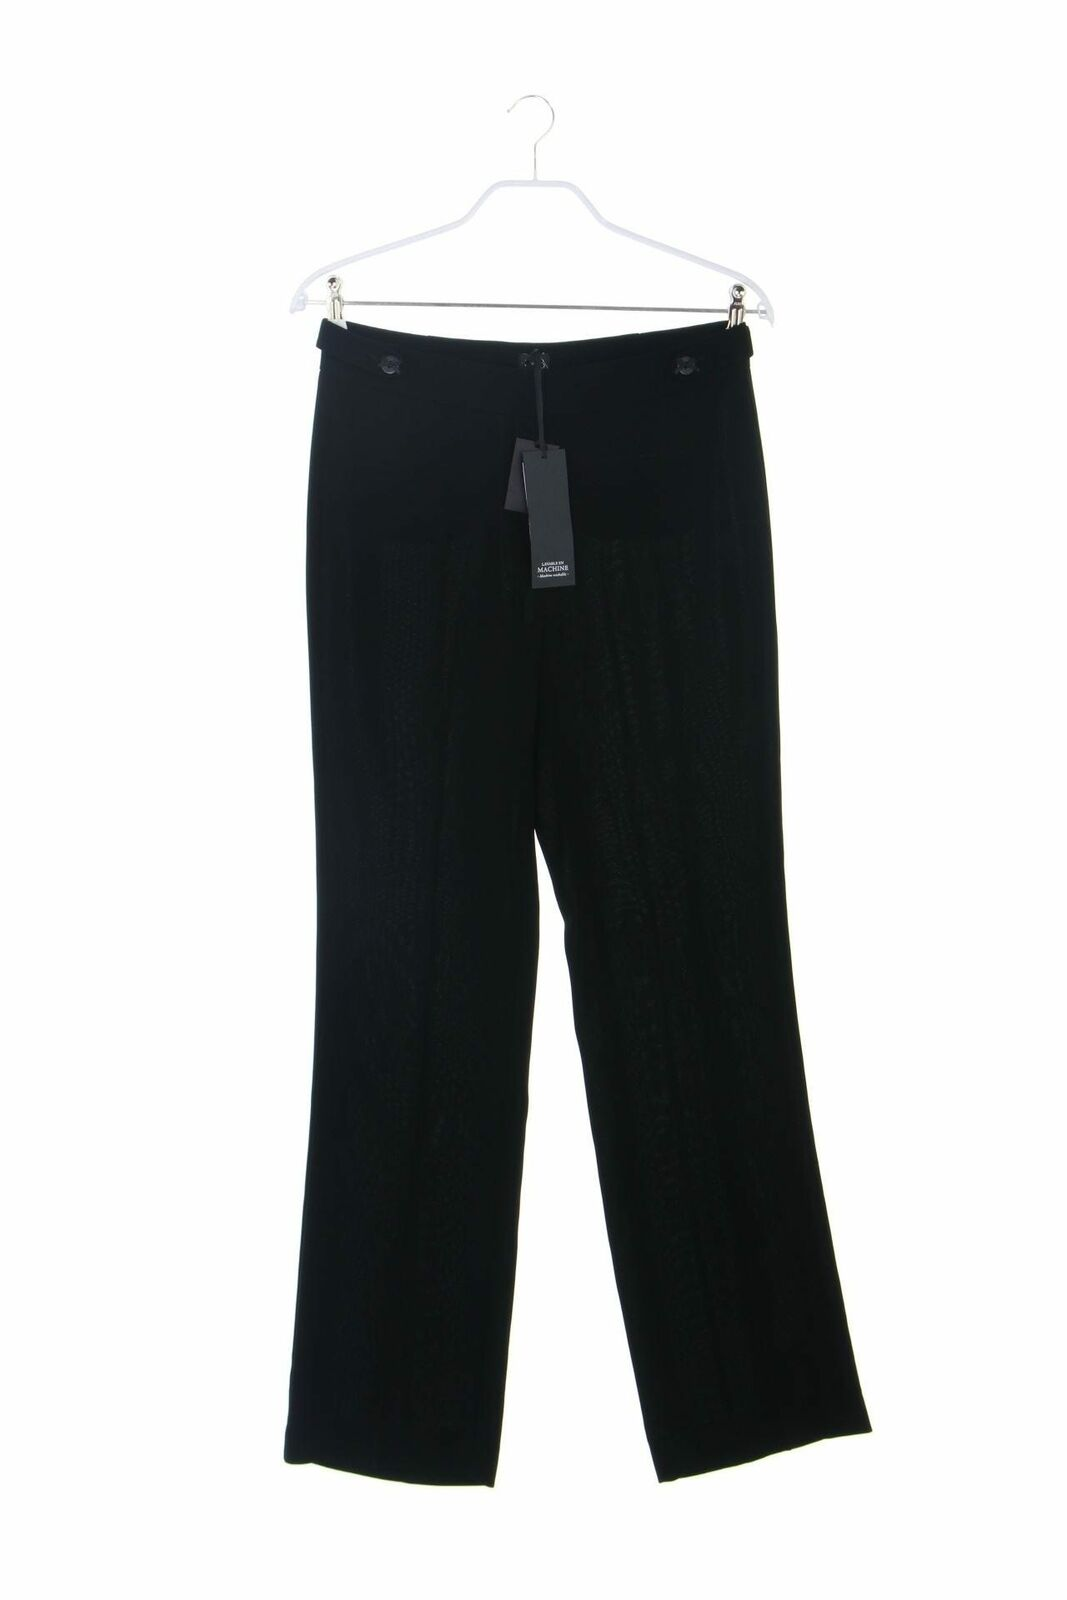 1.2.3. UN DEUX TROIS Paris Clean Chic-Hose mit Riegeln D 38 schwarz Damen Pants